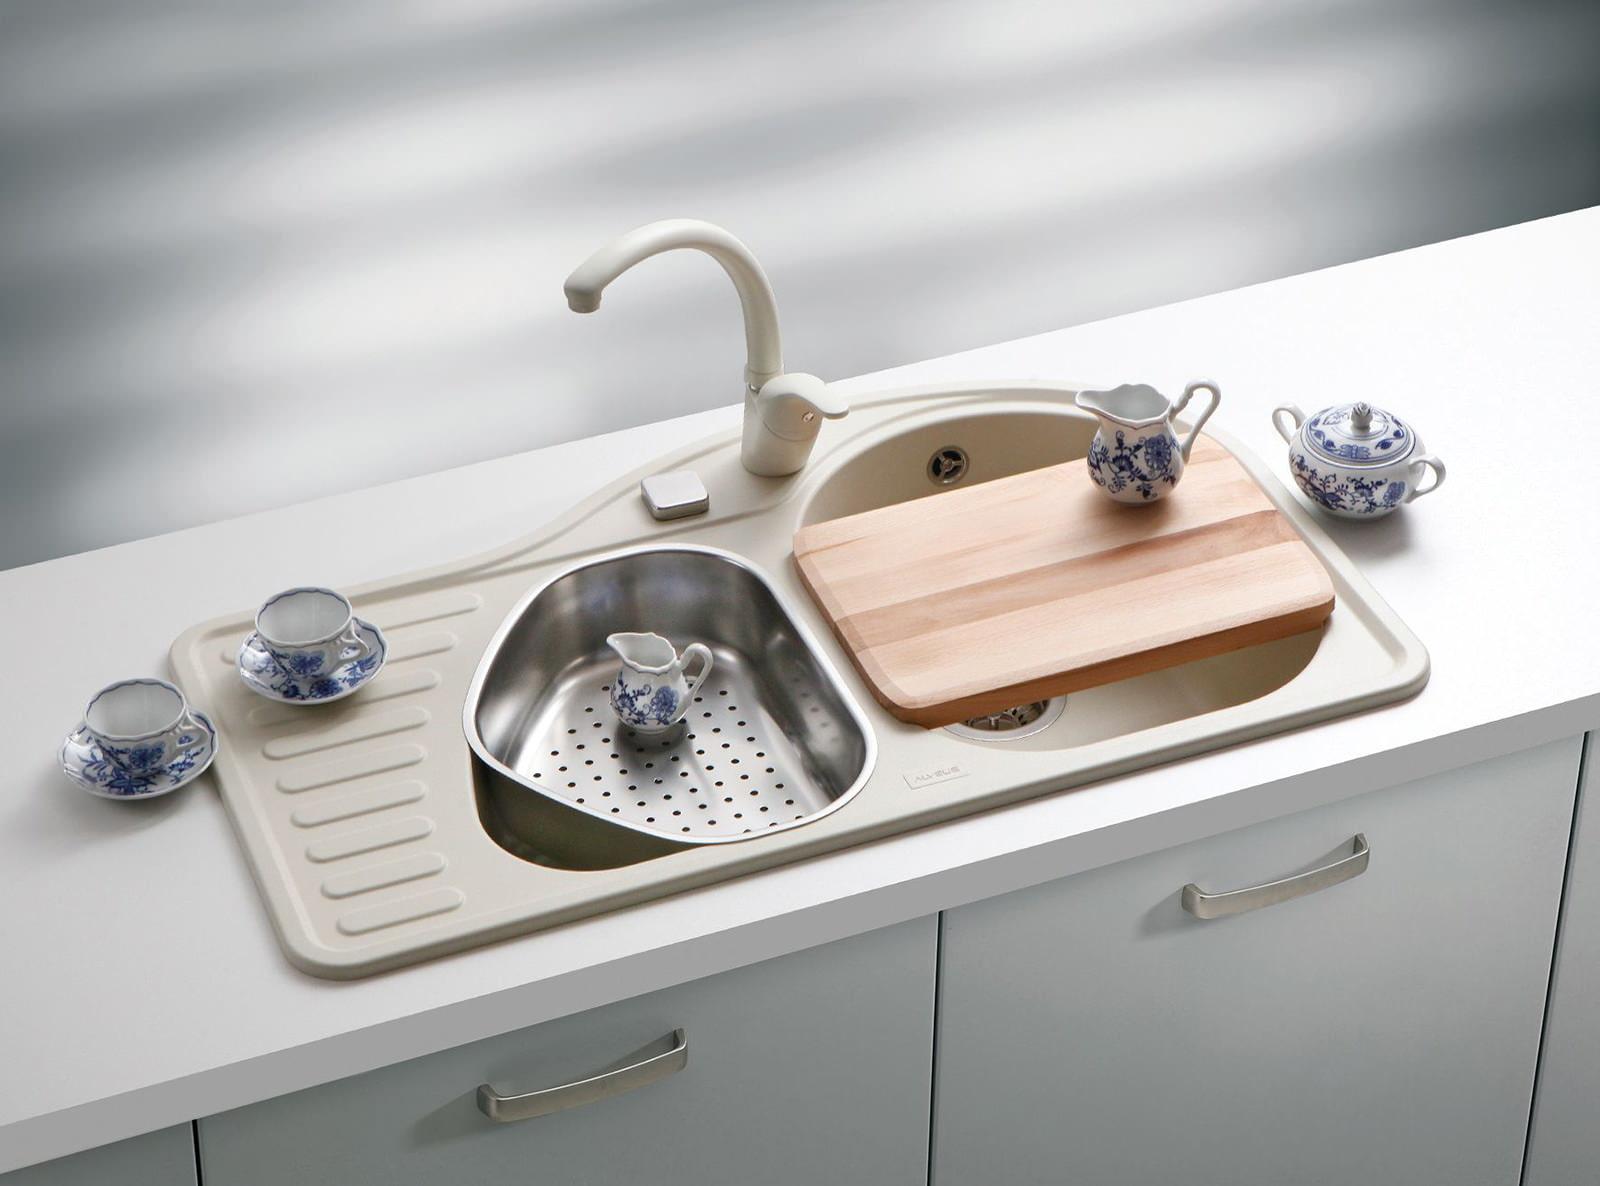 Как выбрать мойку для кухни? Типы и виды моек